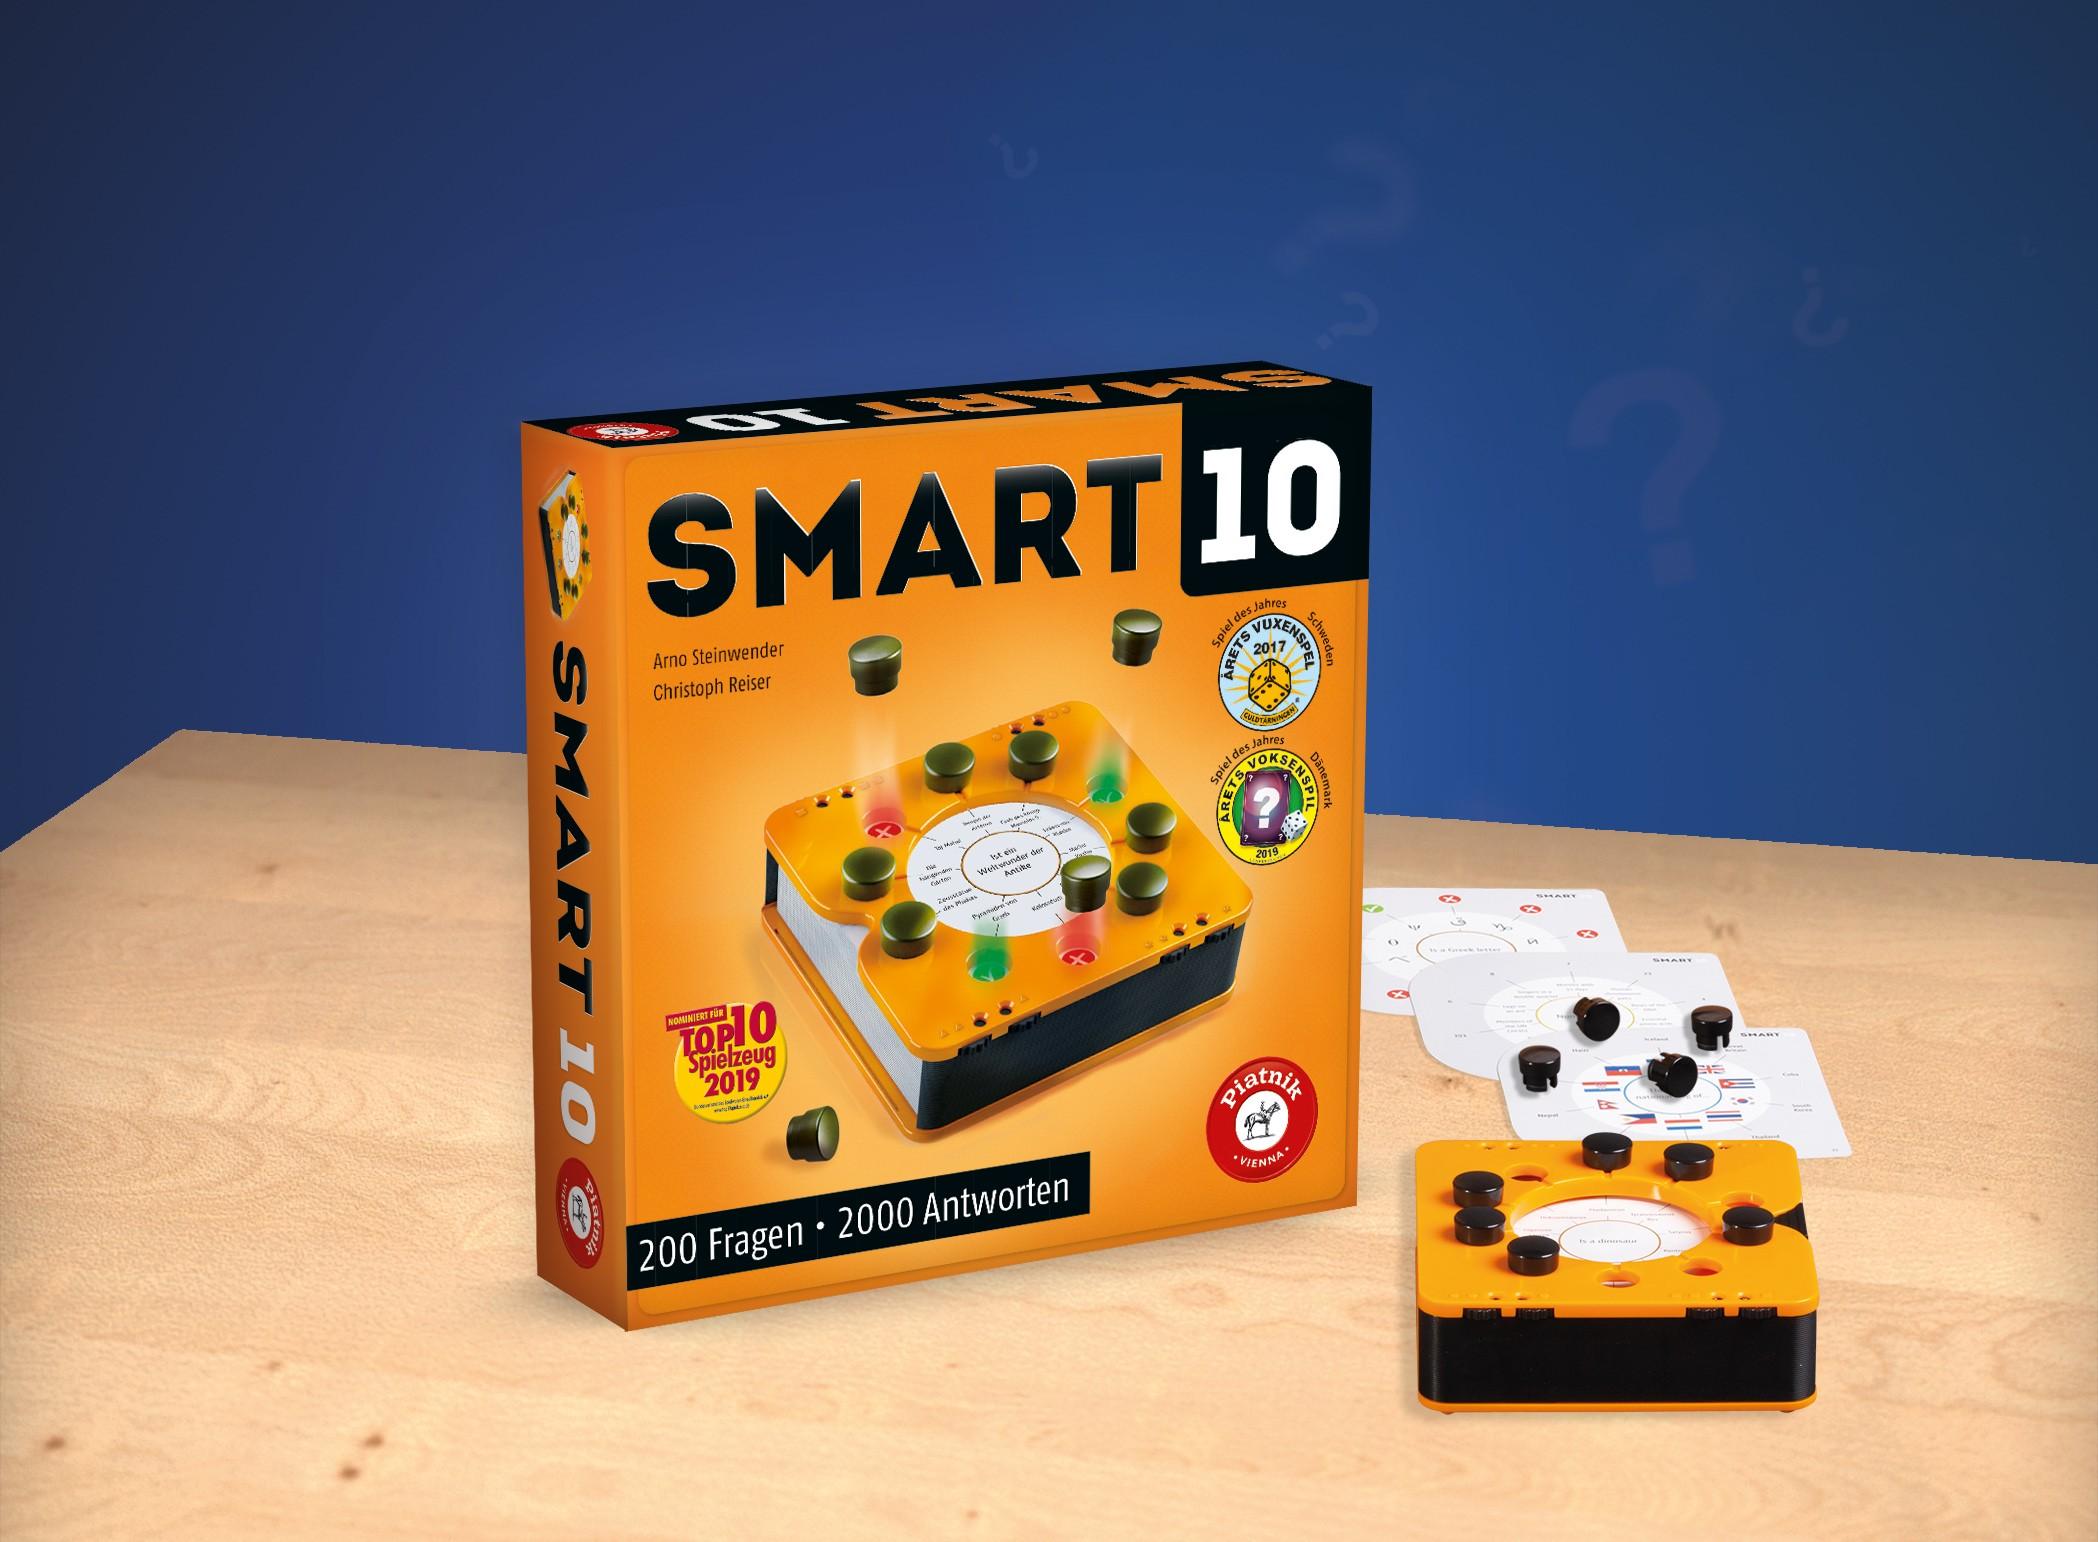 Smart 10 Zubehör